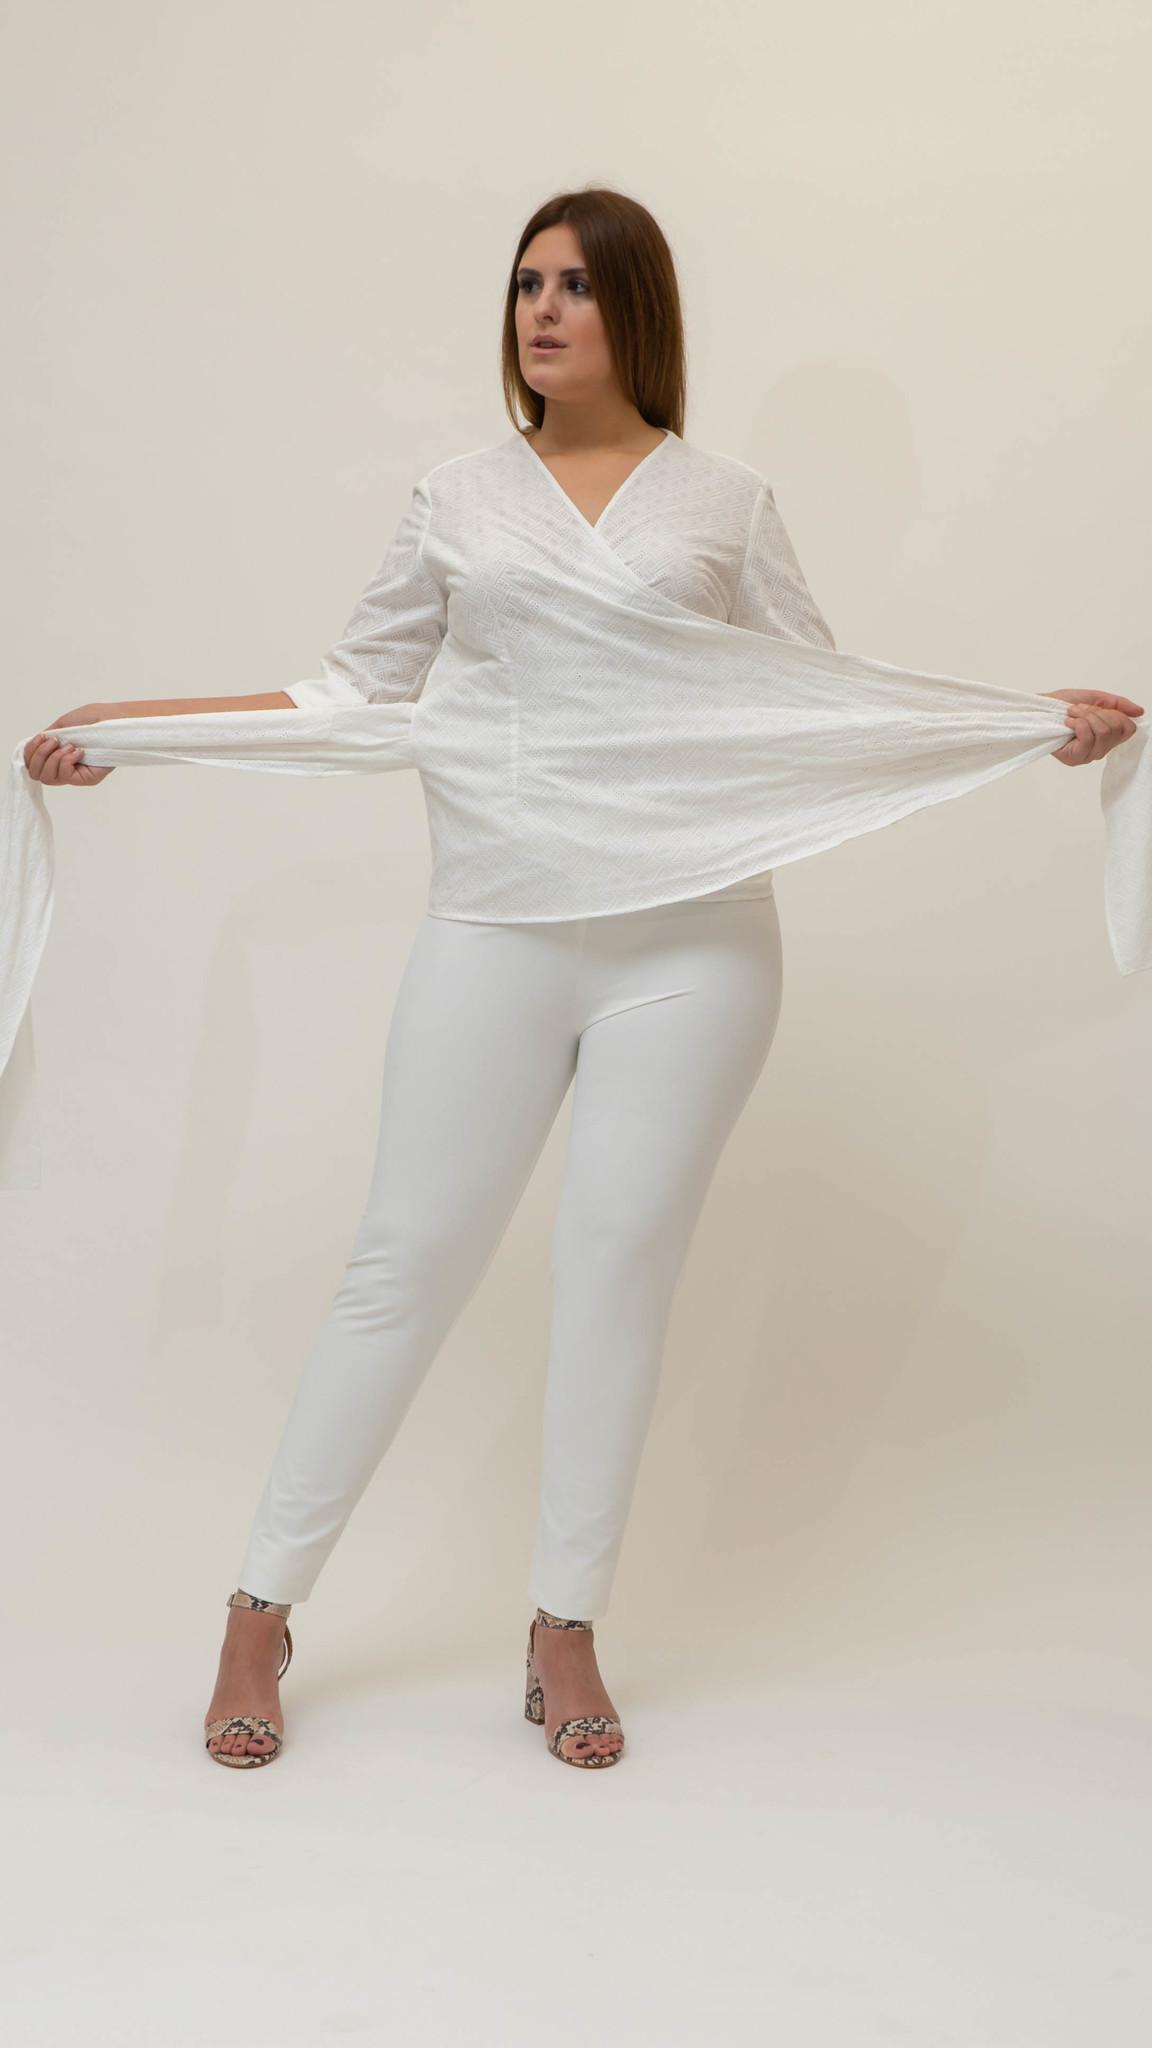 ANNA Bluse aus Baumwolle-5